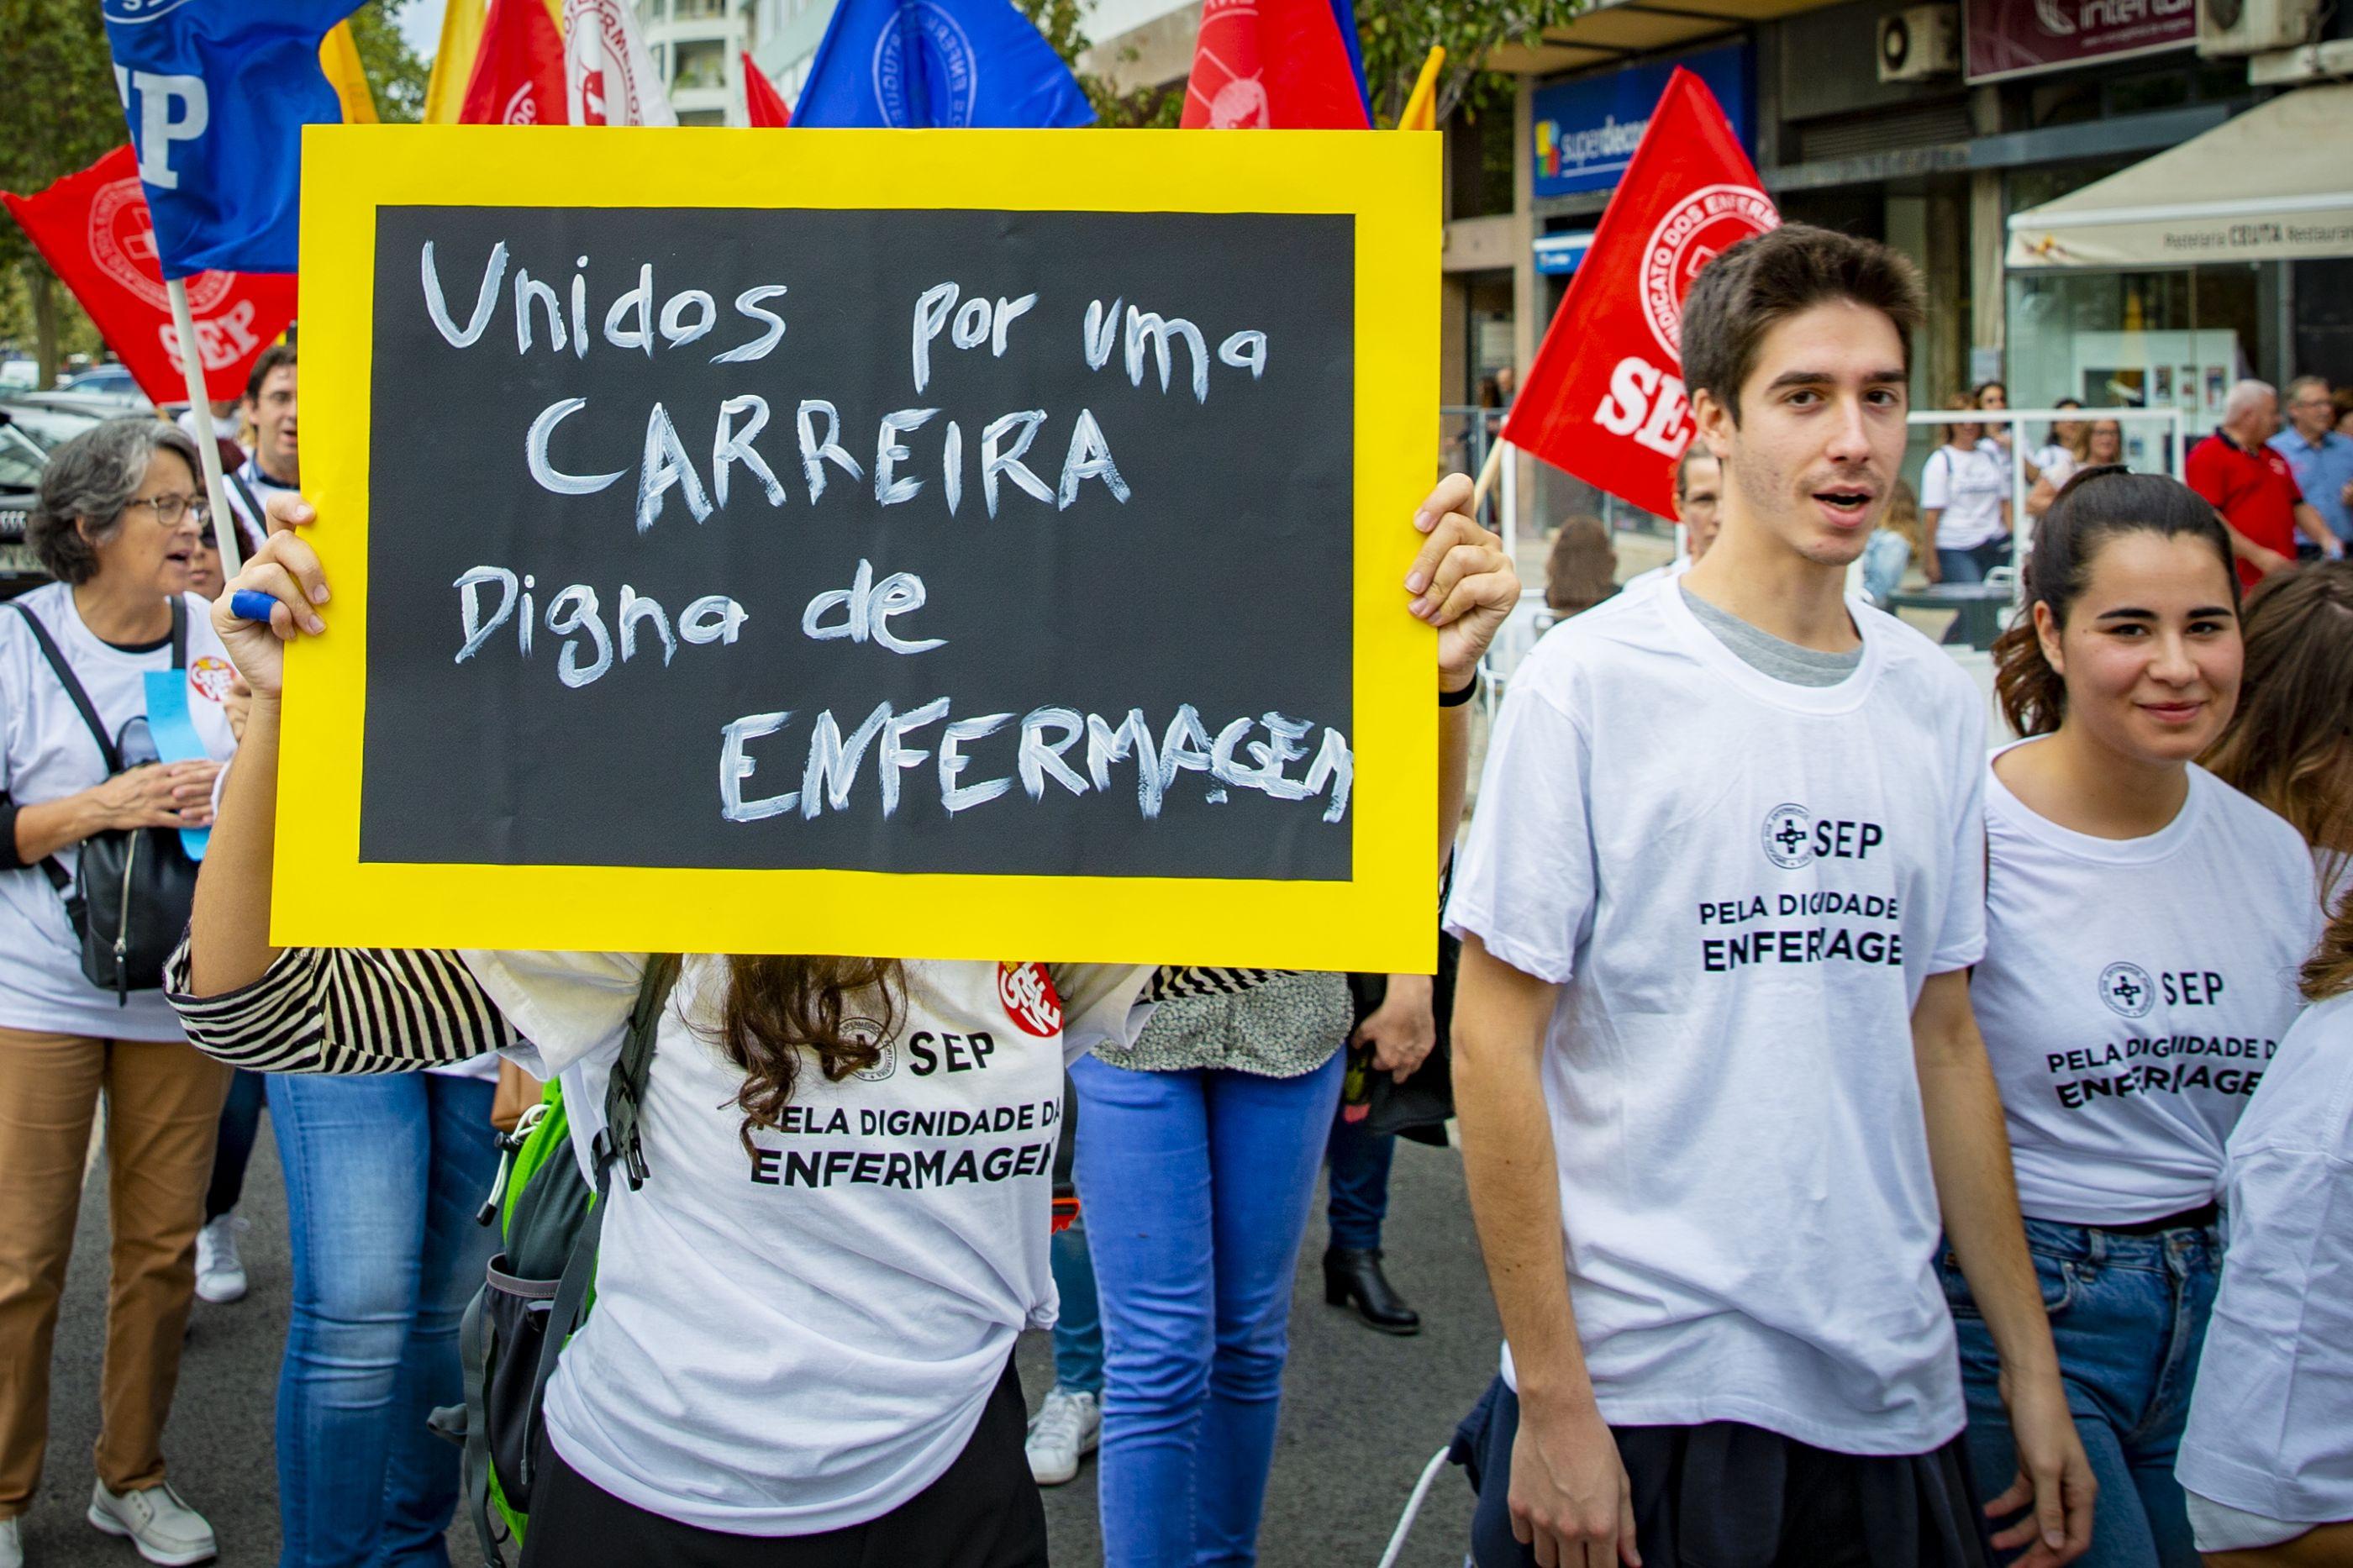 Federação de Enfermeiros adia greve de zelo até fim das negociações